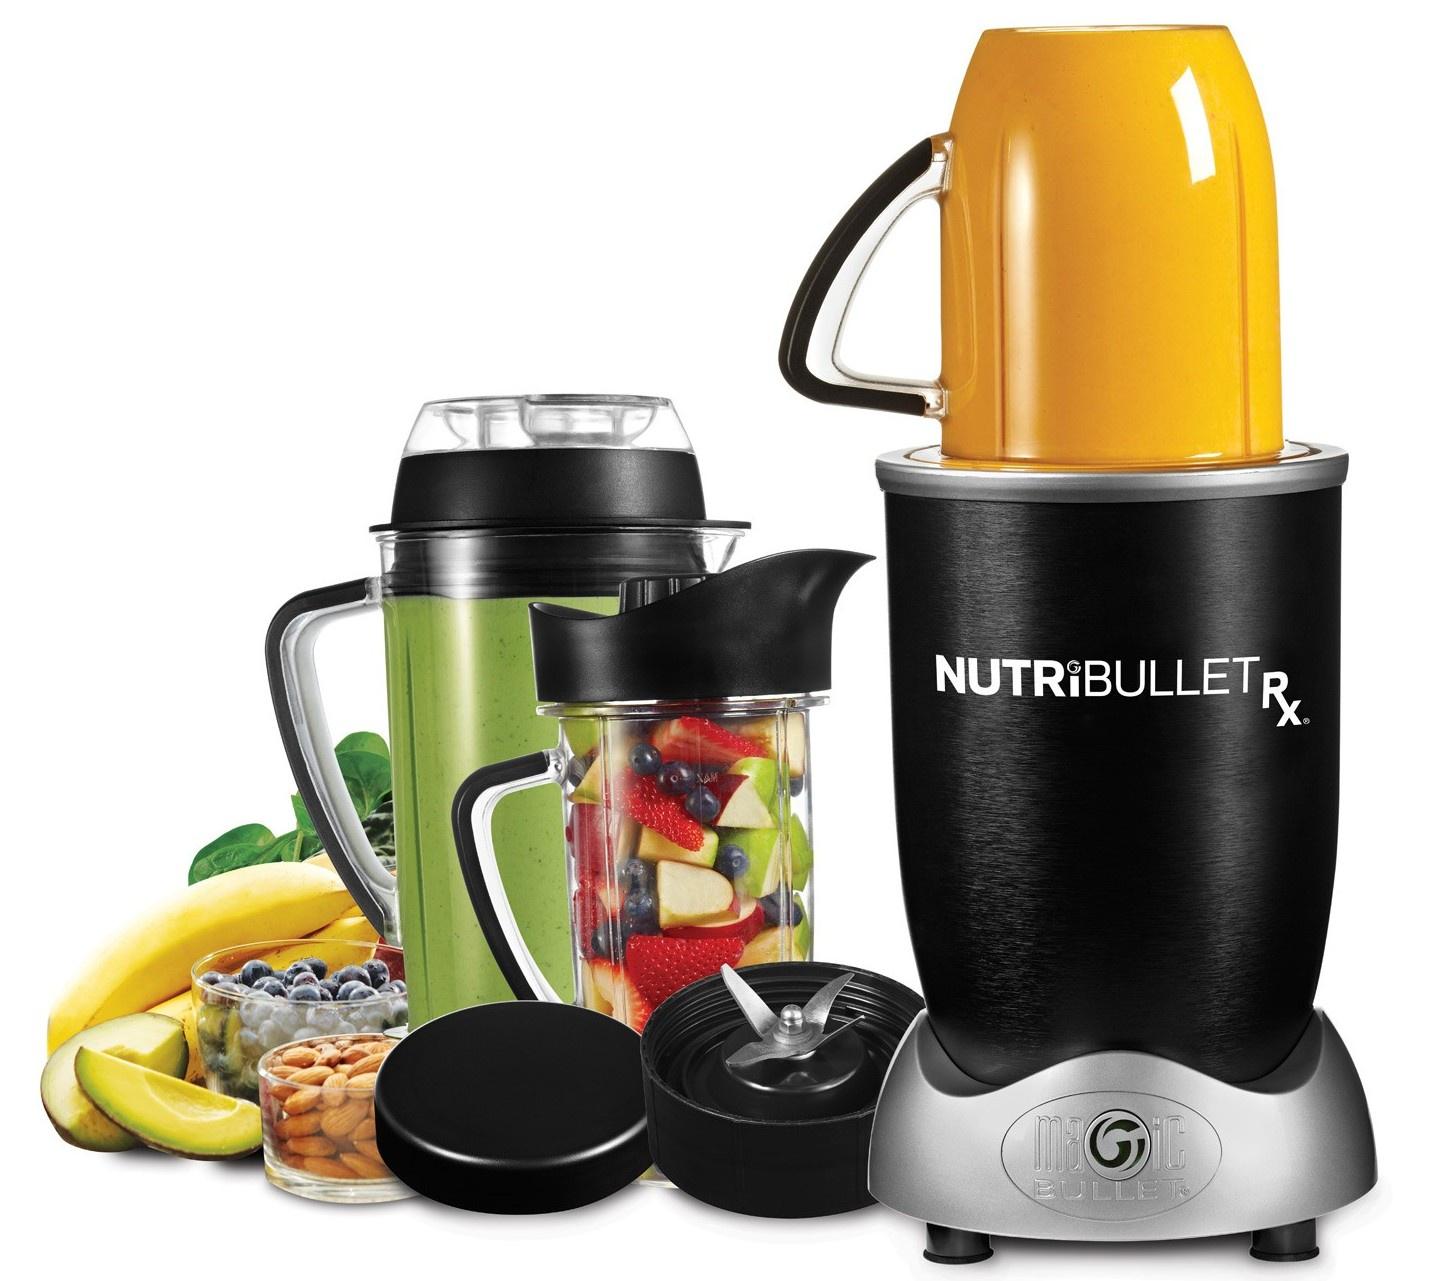 Блендер Nutribullet RX экстрактор питательных веществ